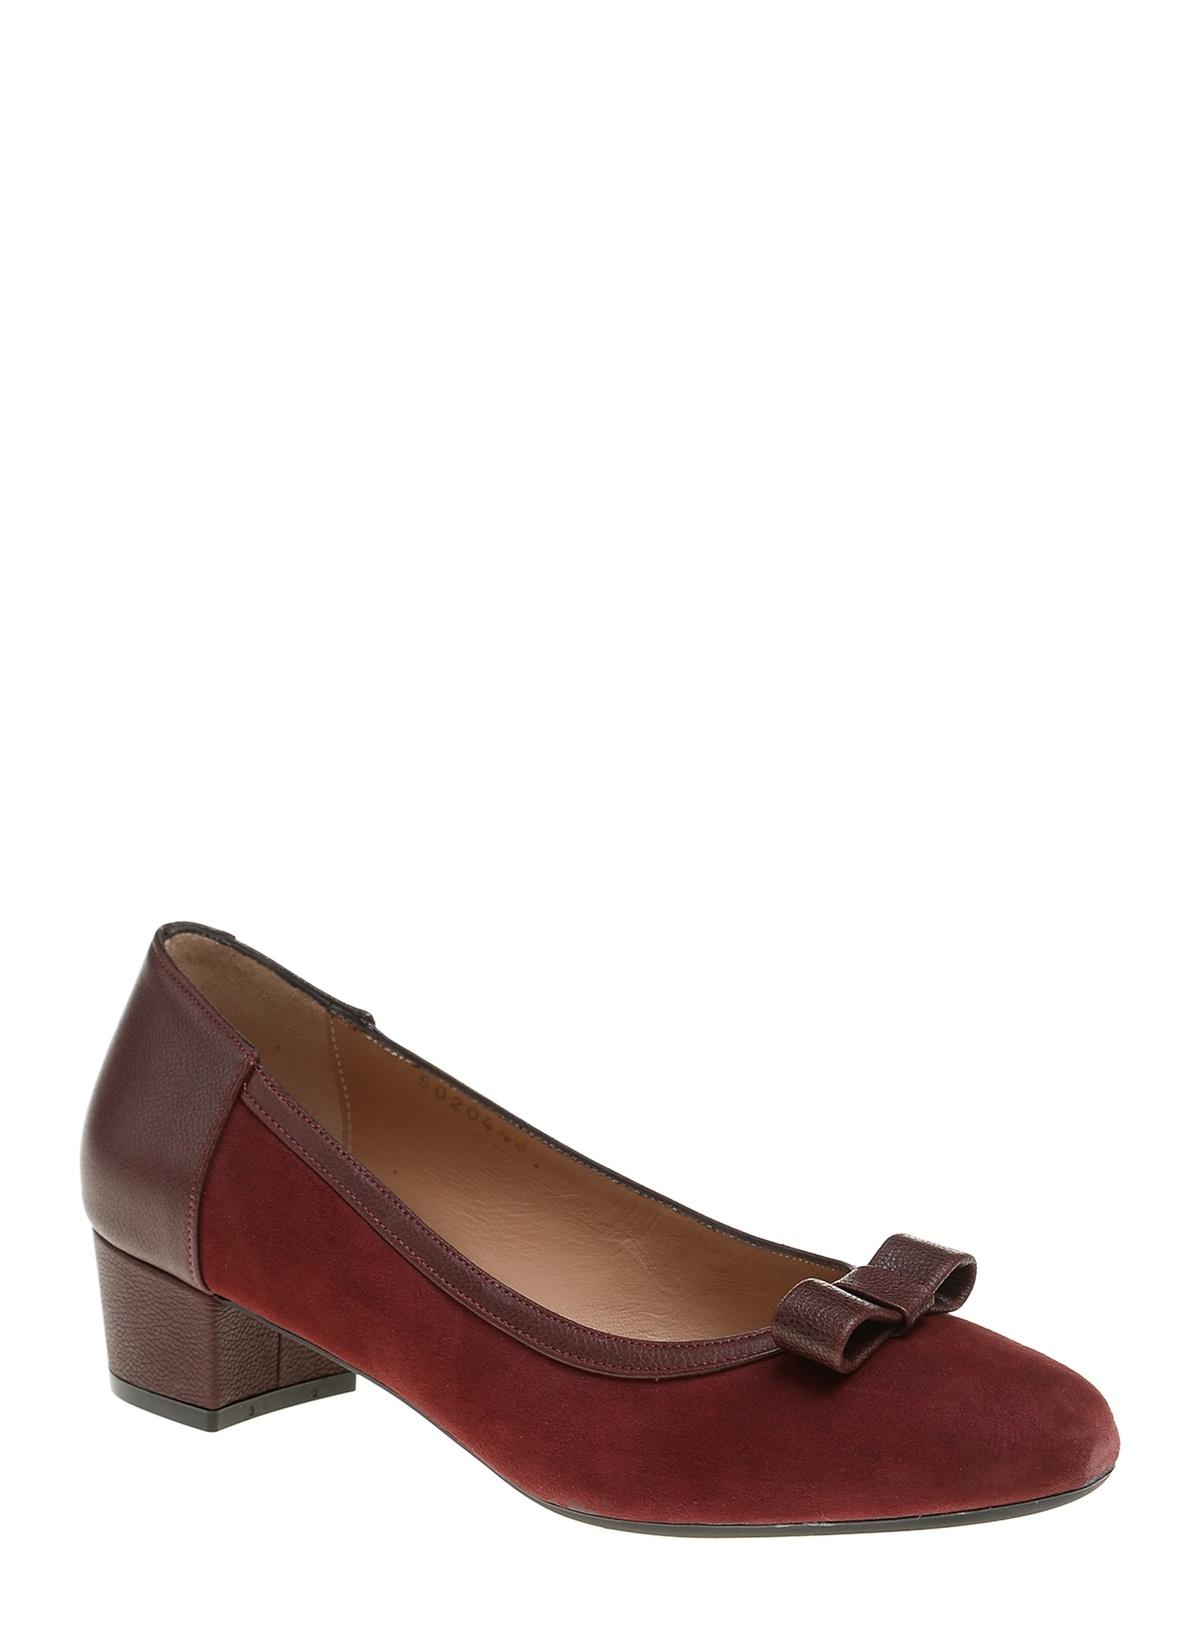 Kadın Divarese Alçak Topuklu Klasik Ayakkabı